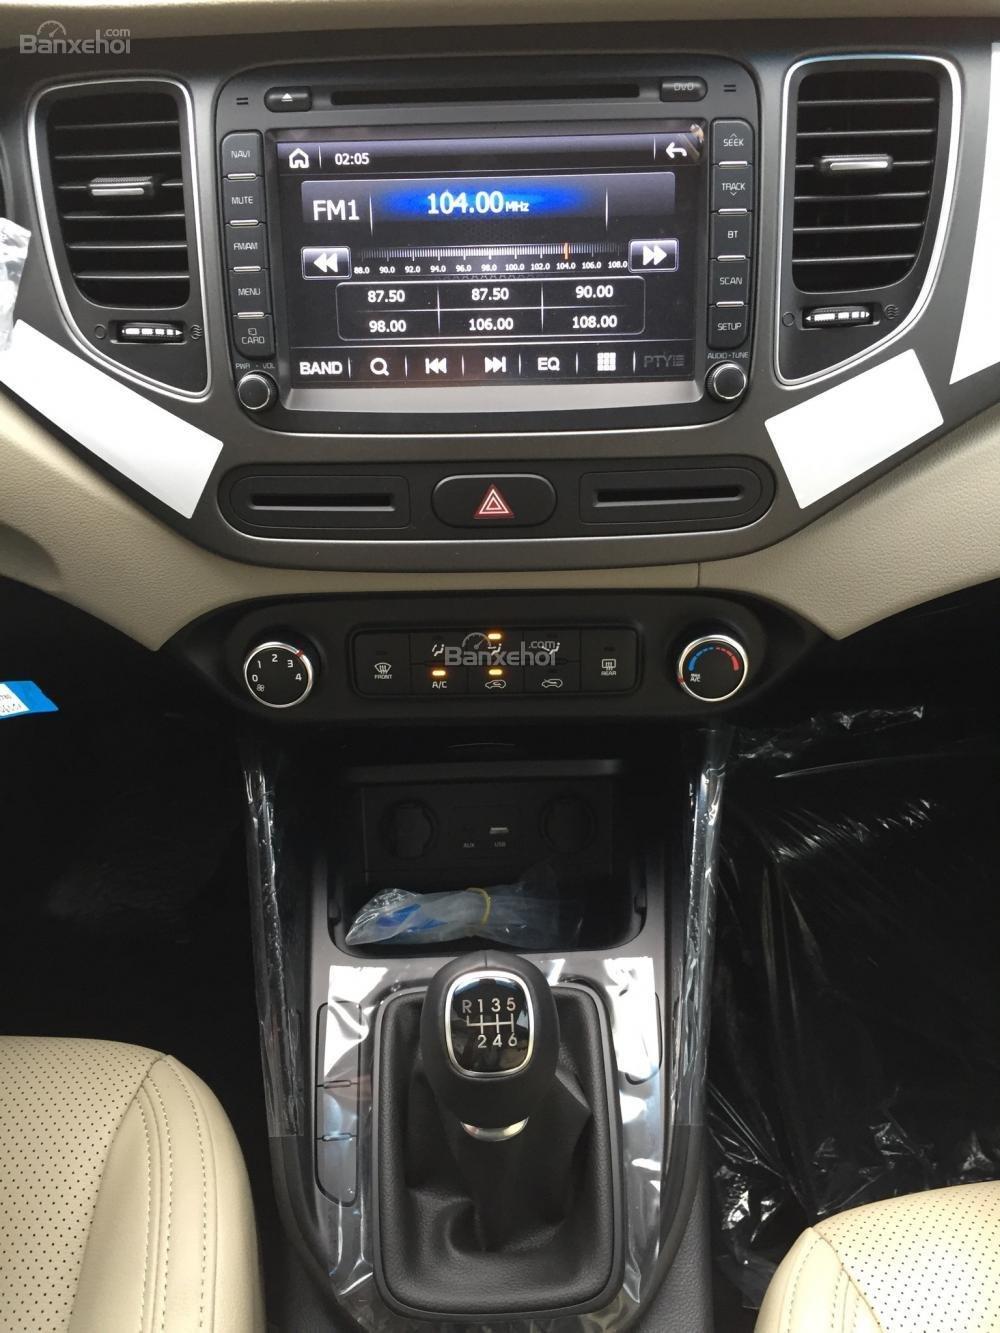 Bán xe Kia Rondo 7 chỗ GMT 2018, màu trắng, giá chỉ 609 triệu, hỗ trợ vay 90%, không chứng minh thu nhập-7